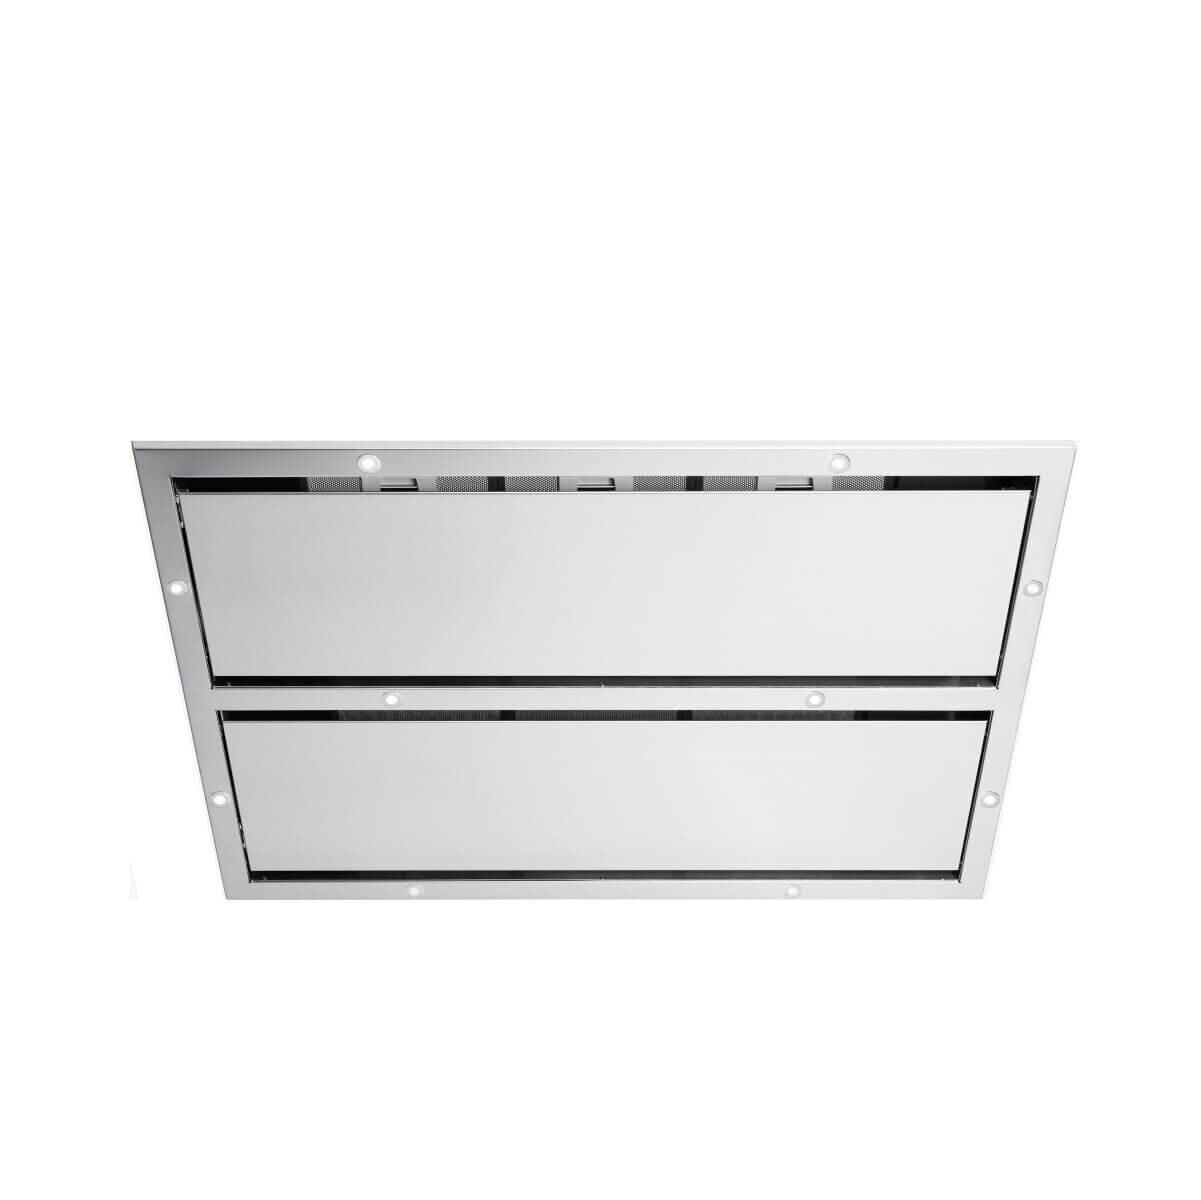 Produktbild på takintegrerade köksfläkten Panorama i rostfritt utförande från Fjäråskupan.